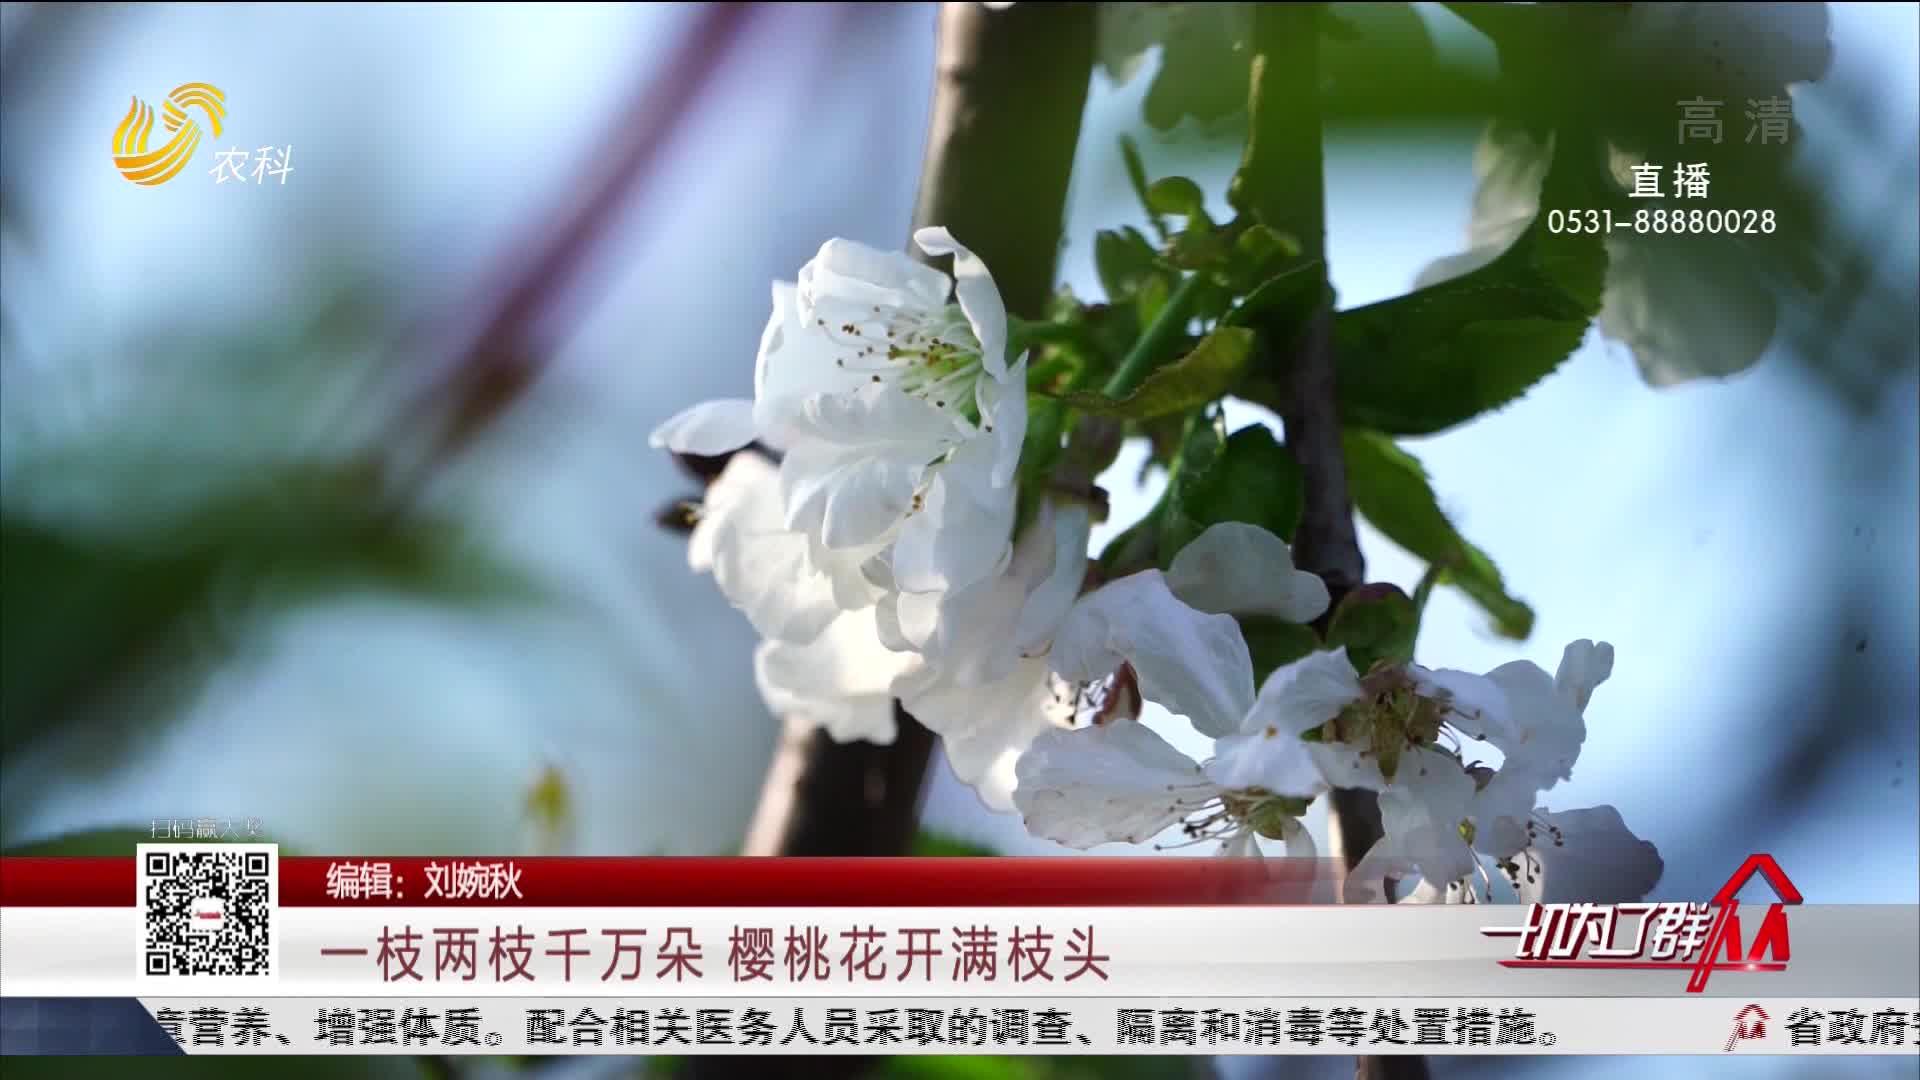 一枝两枝千万朵 樱桃花开满枝头